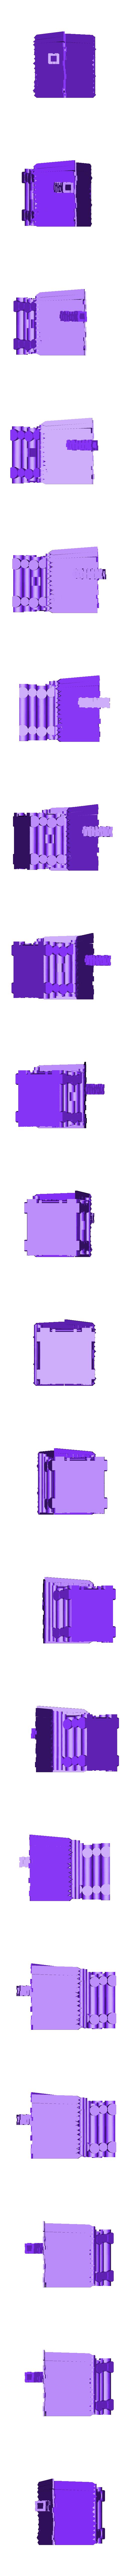 izbushka_up.stl Télécharger fichier STL Maison Baba Yaga • Objet à imprimer en 3D, EliGreen